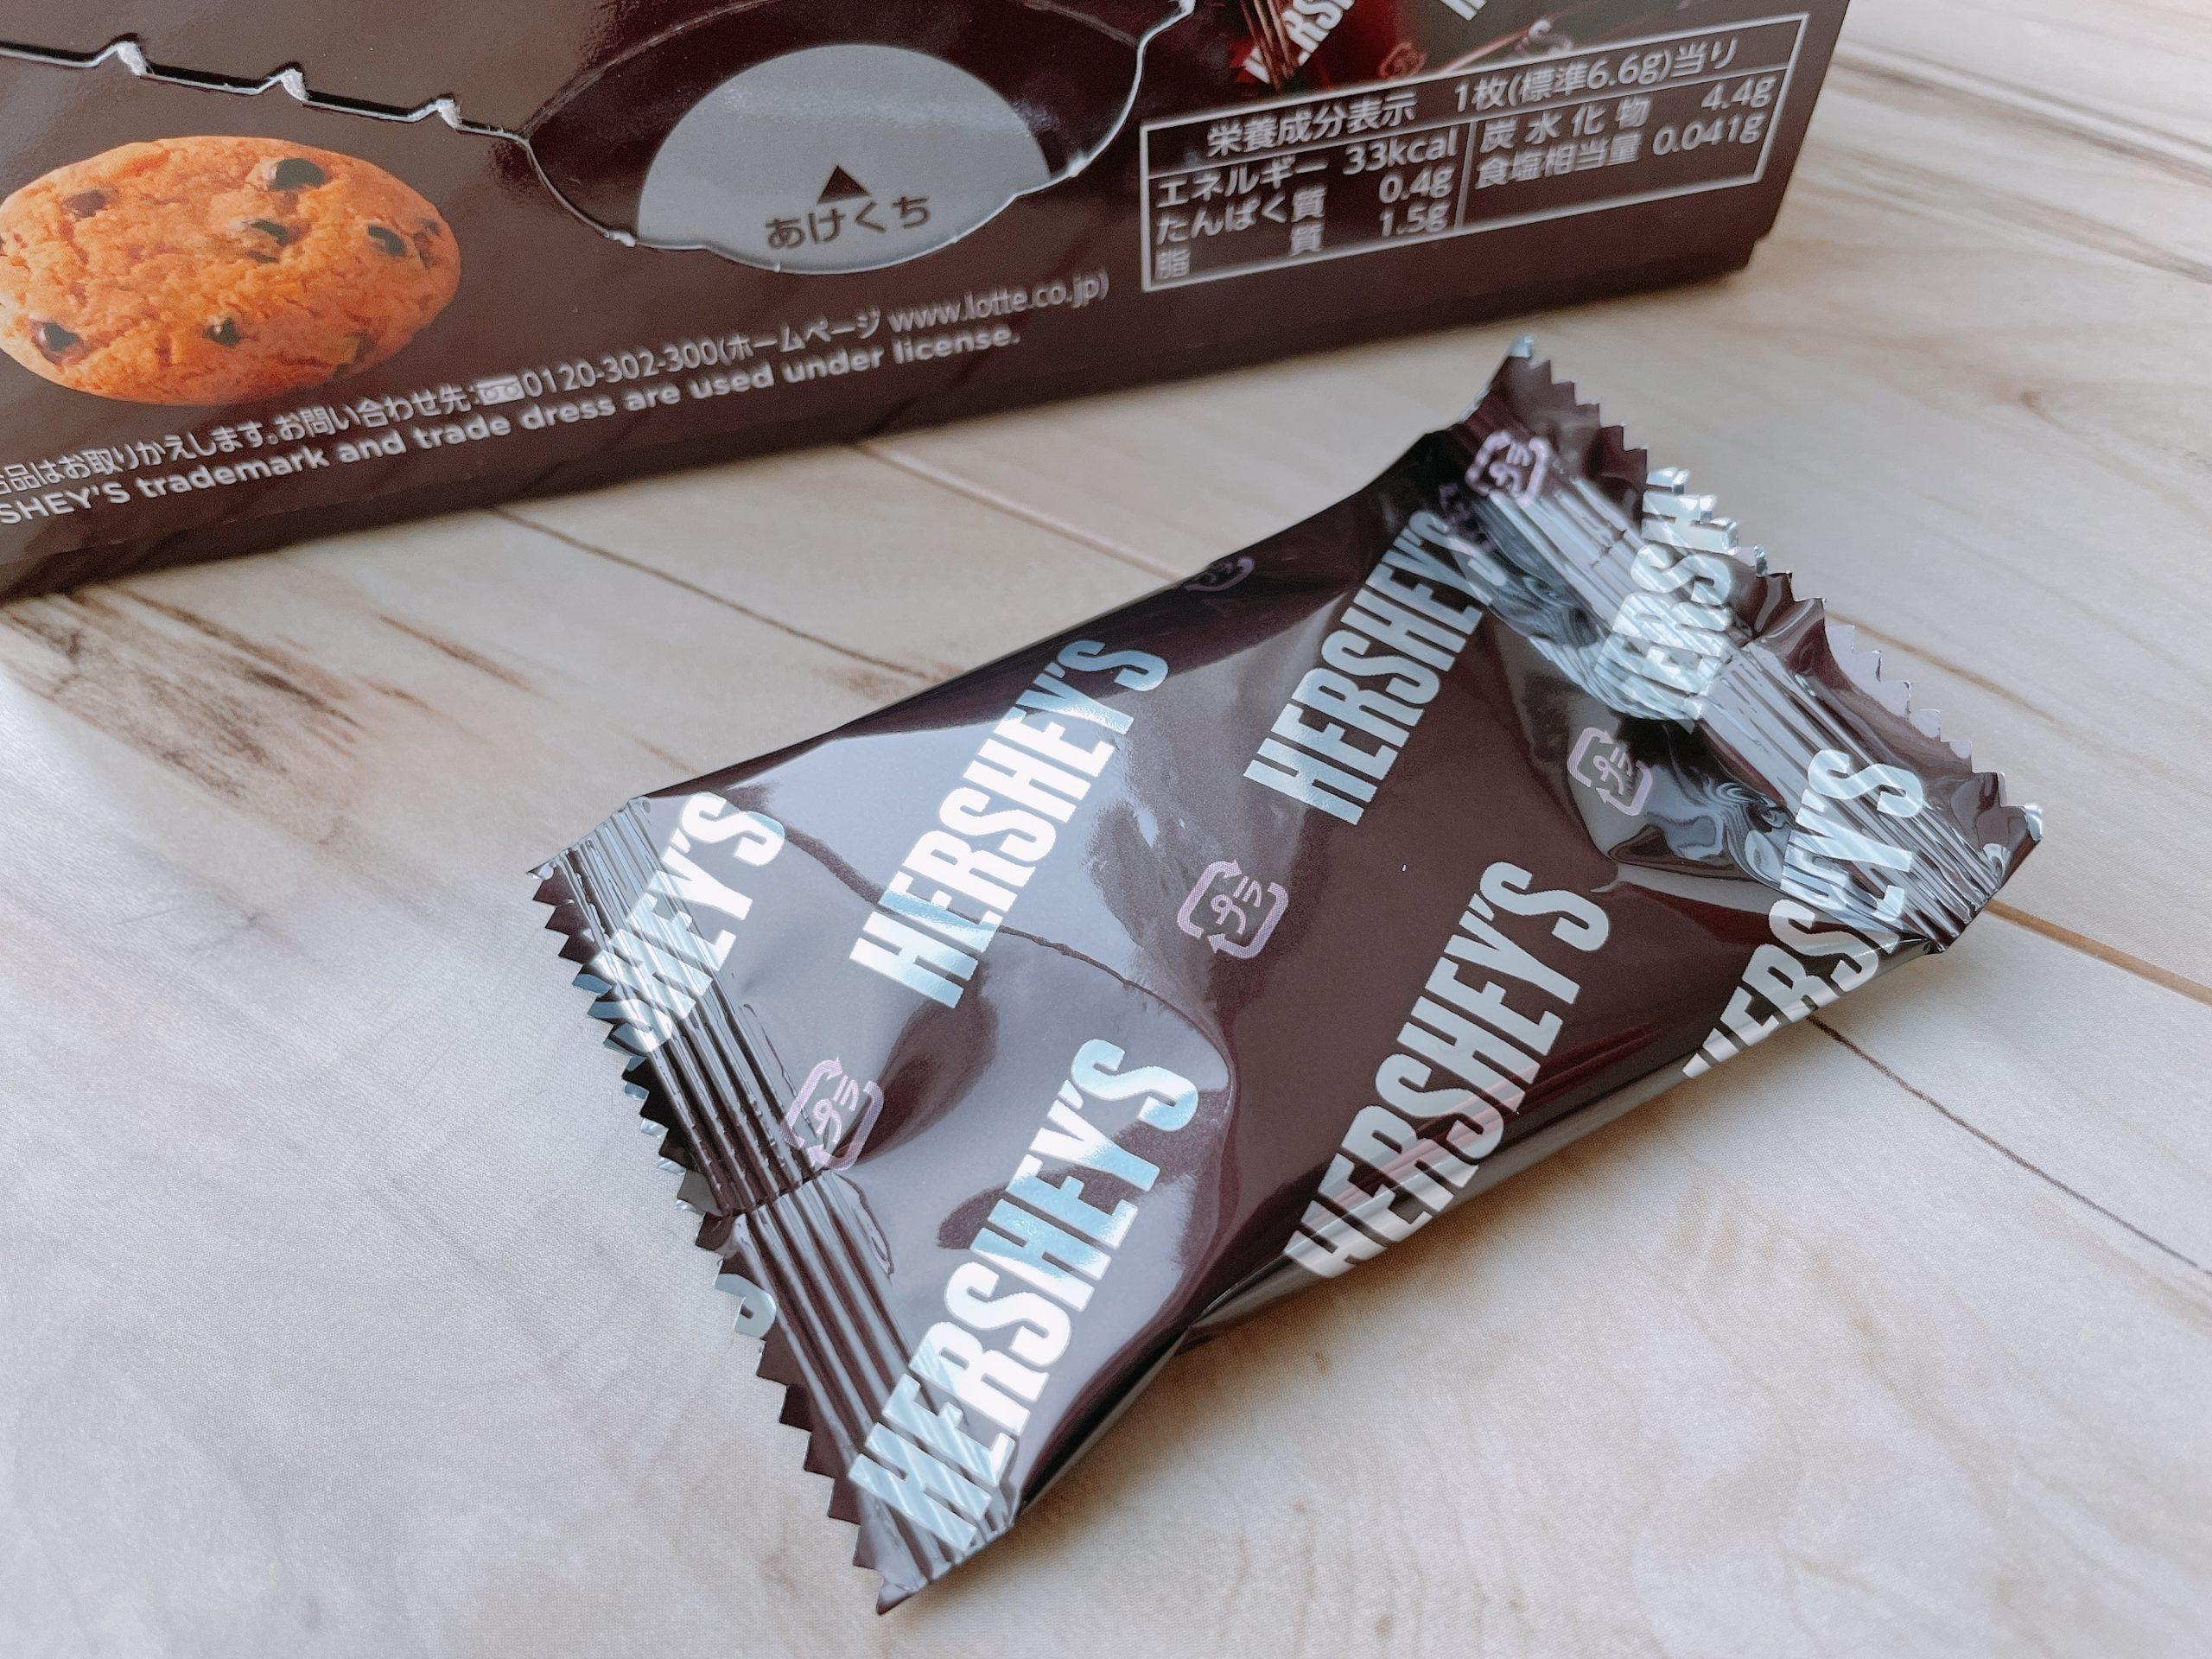 ハーシーチョコチップクッキーの個包装